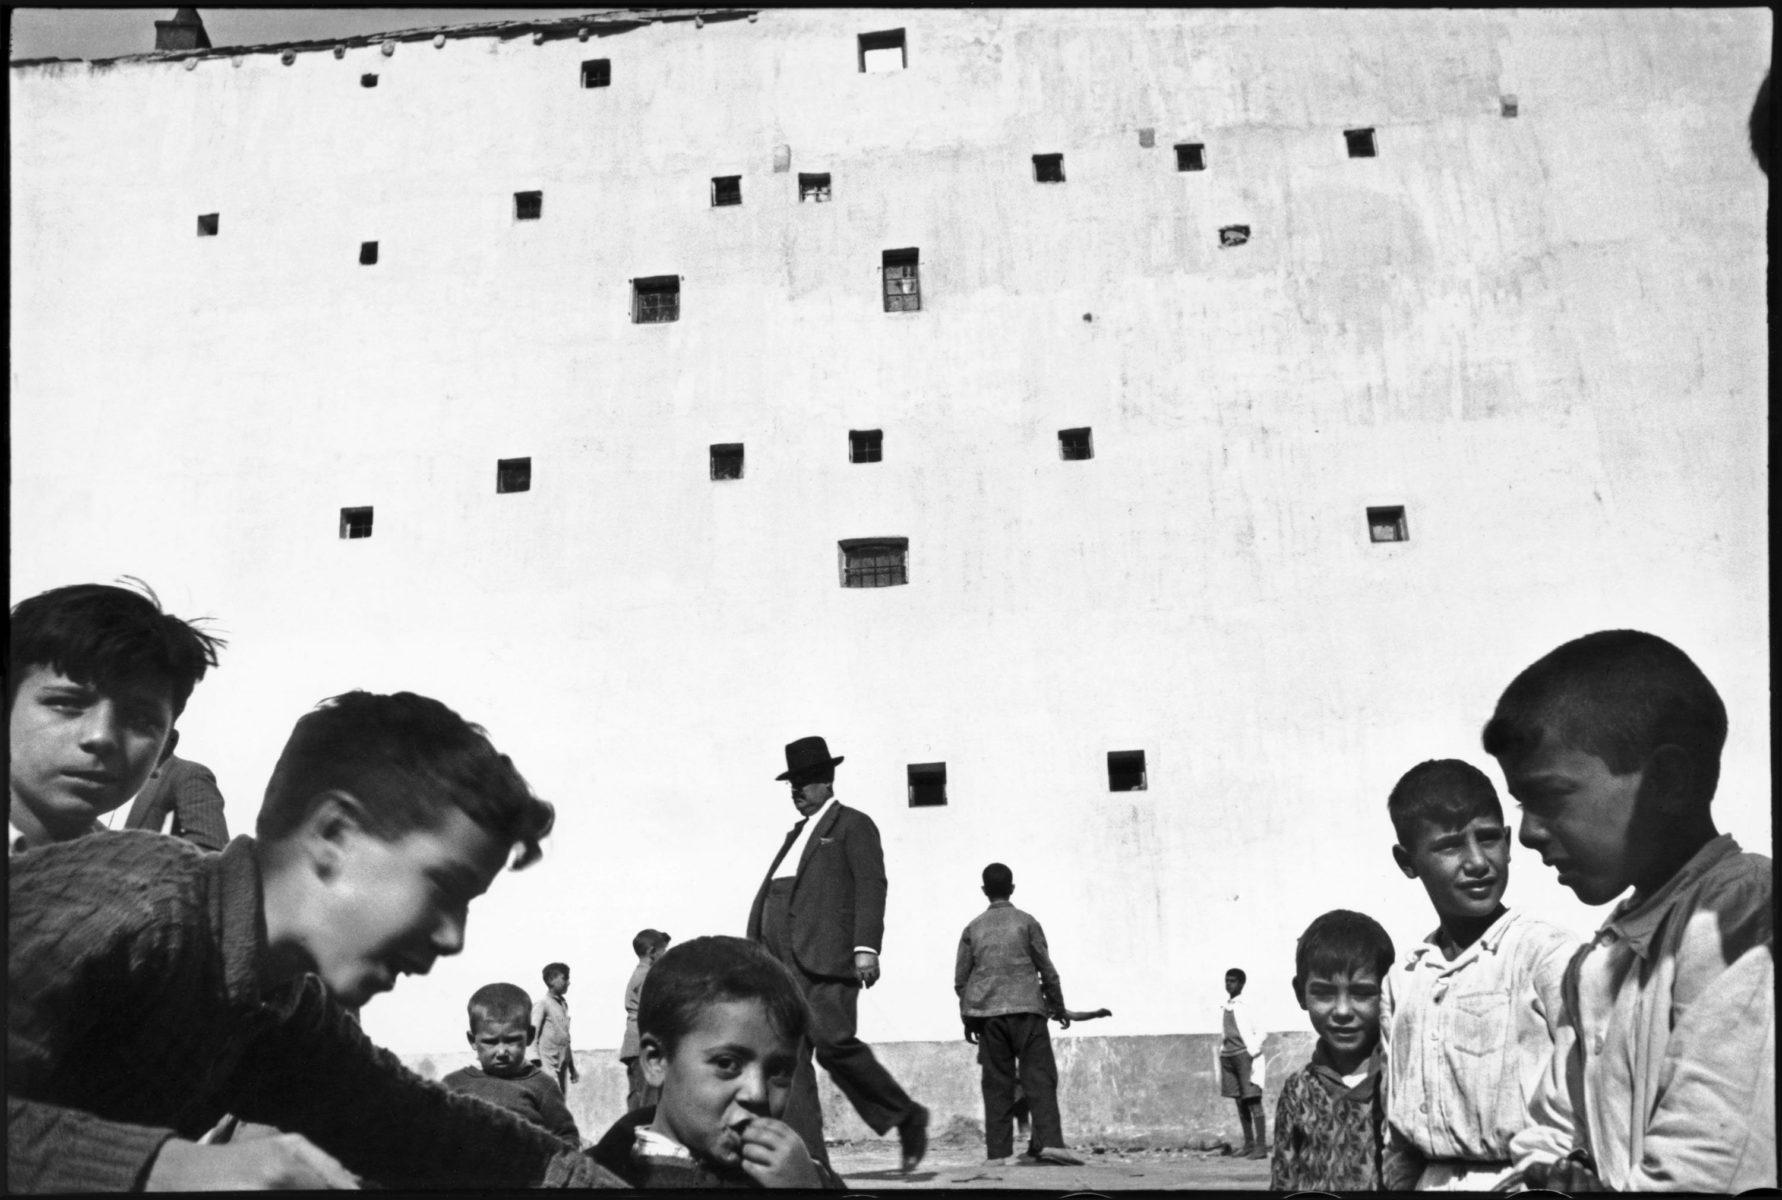 Espagne - Photographie noir et blanc parHenri Cartier-Bresson